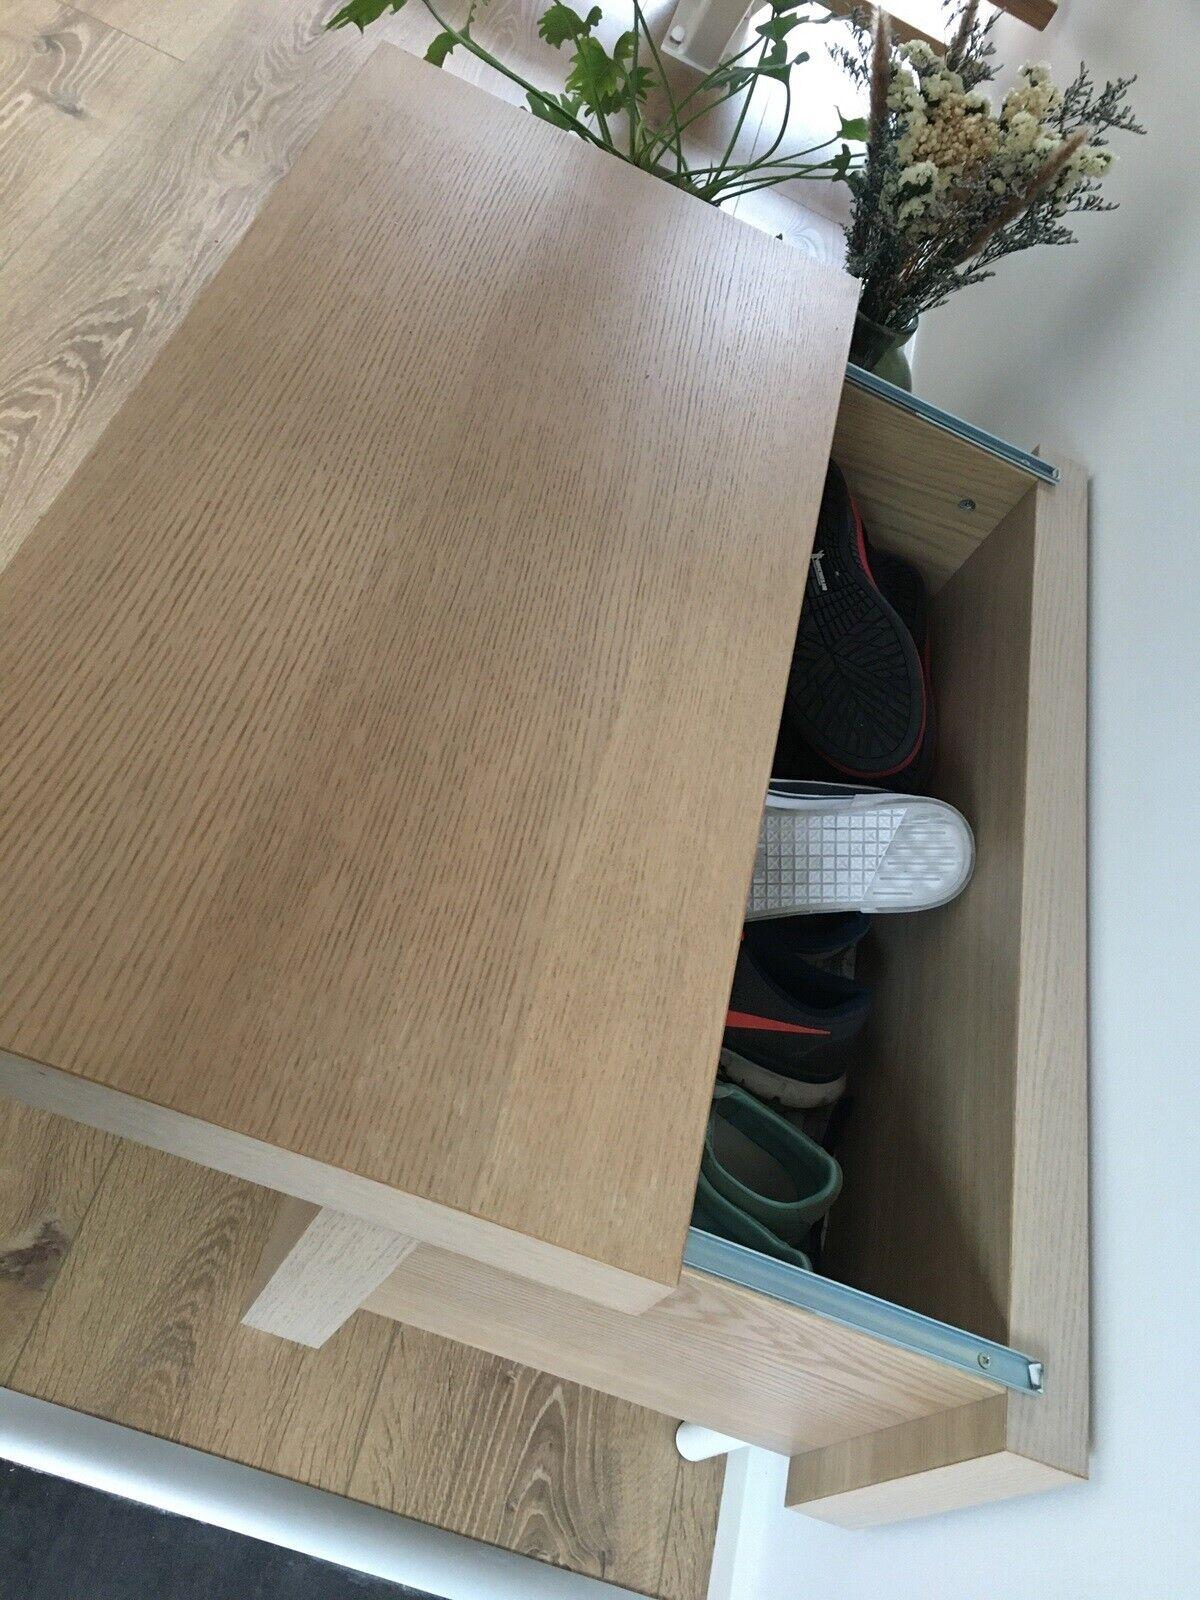 Kasse Kiste Med Opbevaring Ikea Ndash Dba Dk Ndash Kob Og Salg Af Nyt Og Brugt